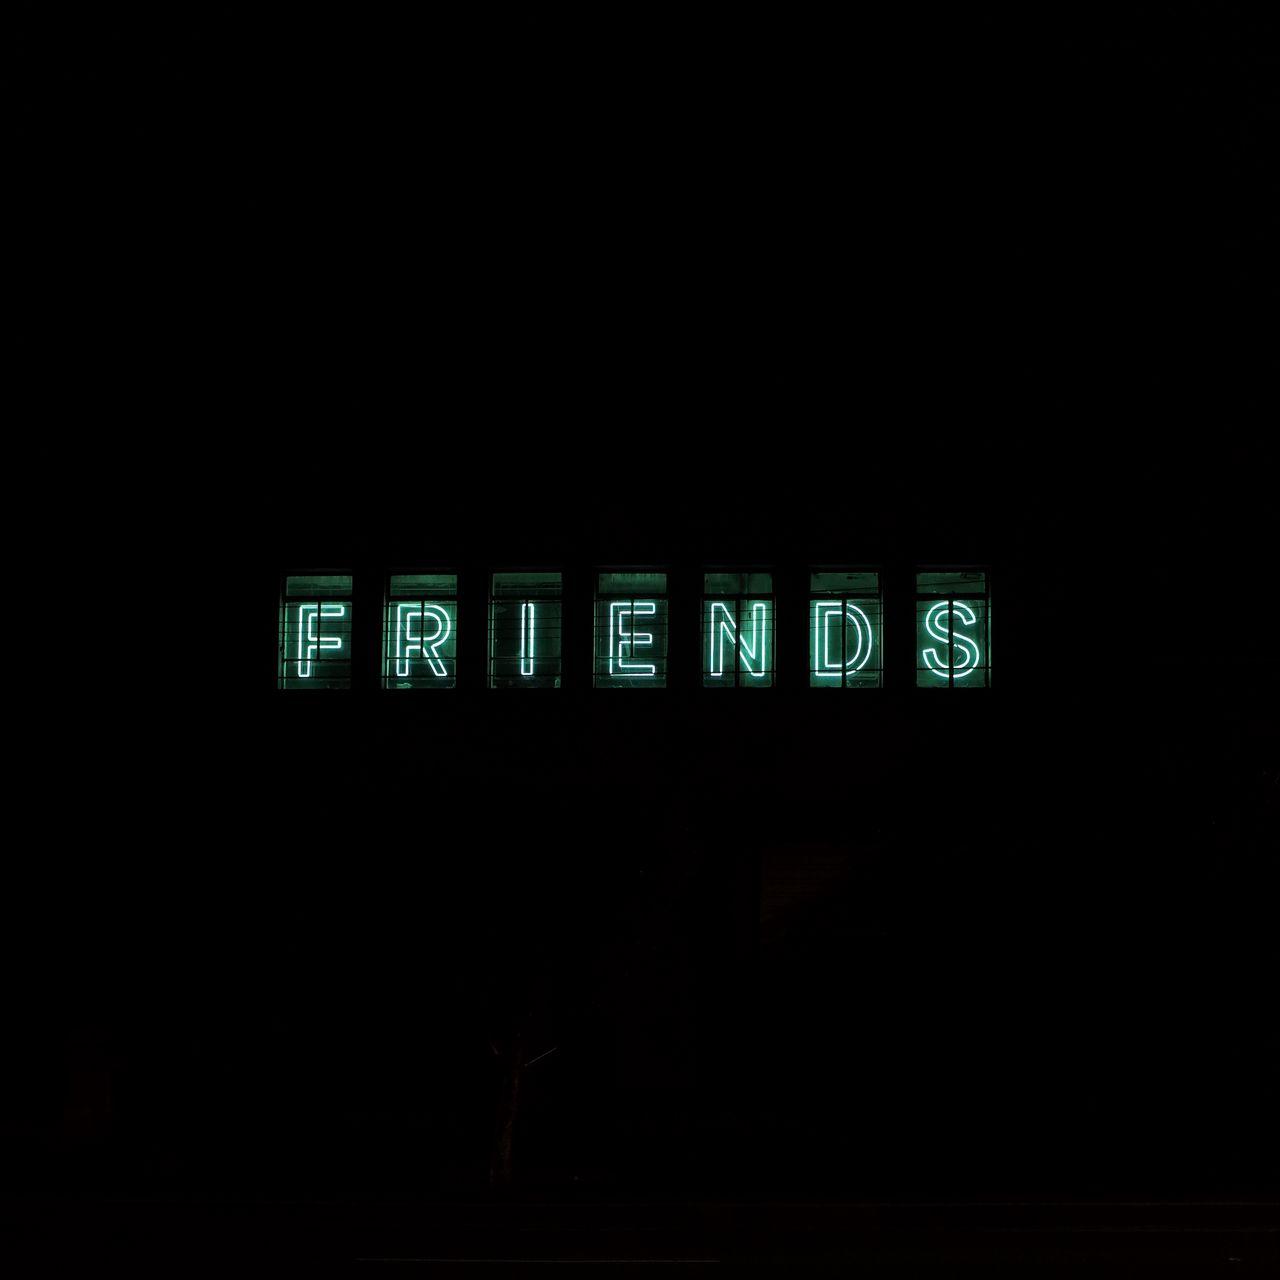 1280x1280 Wallpaper friends, inscription, neon, backlight, dark, letters